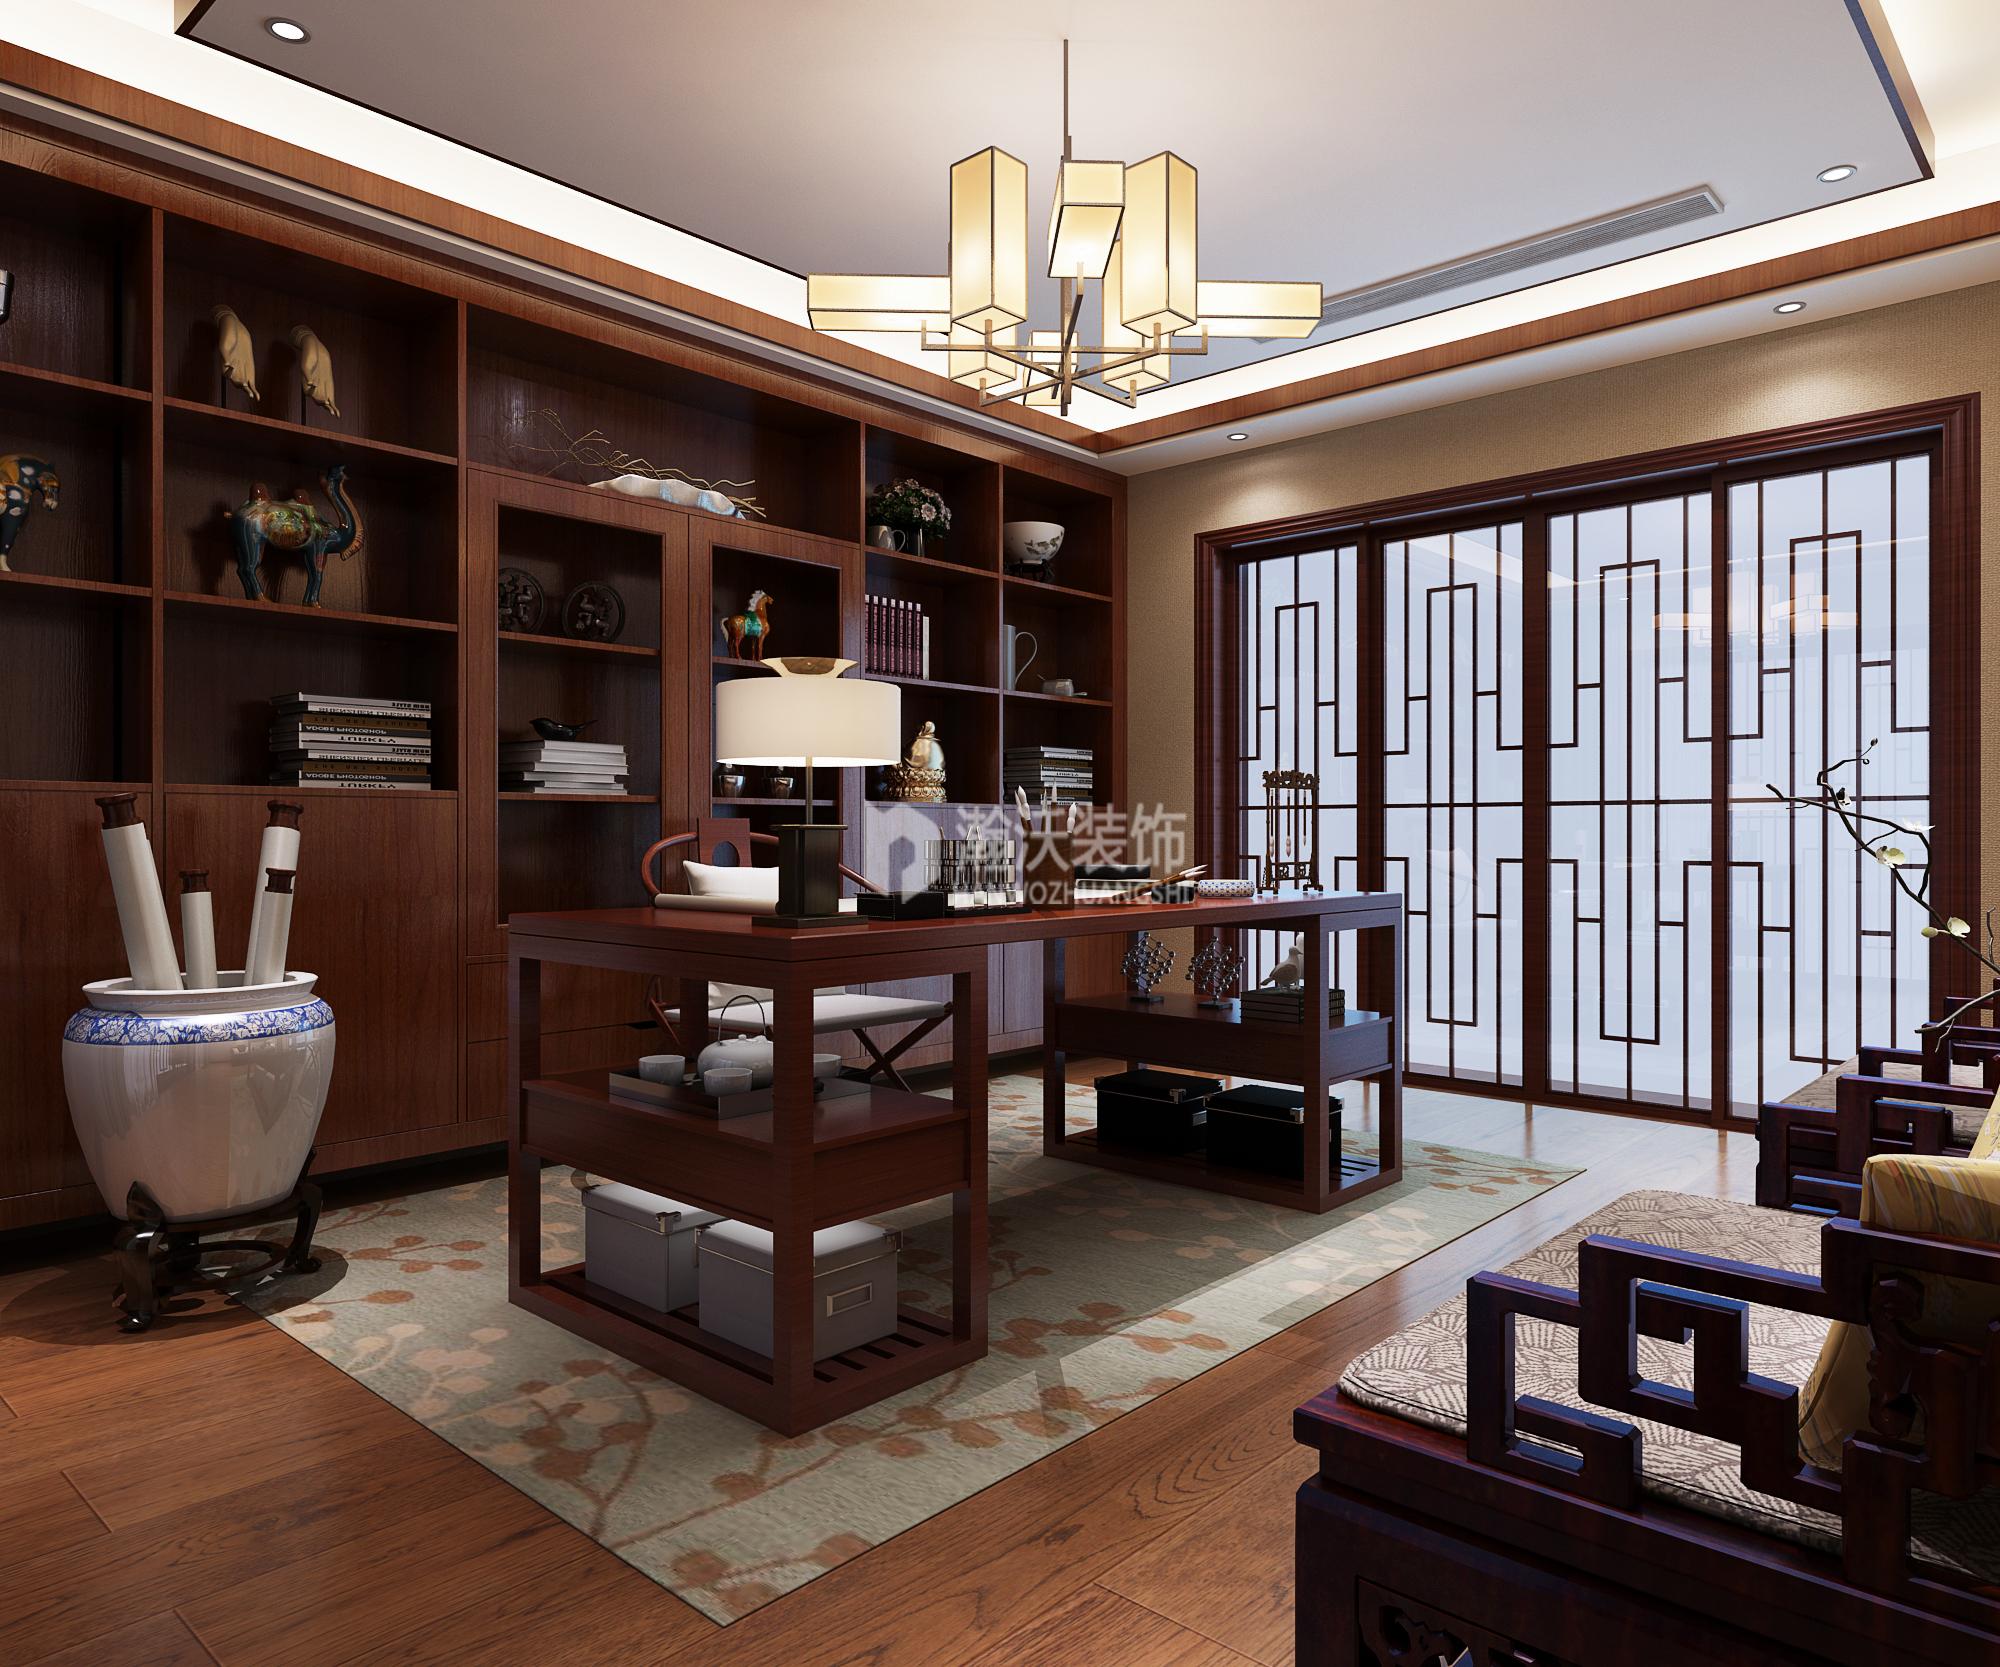 别墅 中式 龙华苑 书房图片来自河北瀚沃装饰在龙华苑中式案例的分享